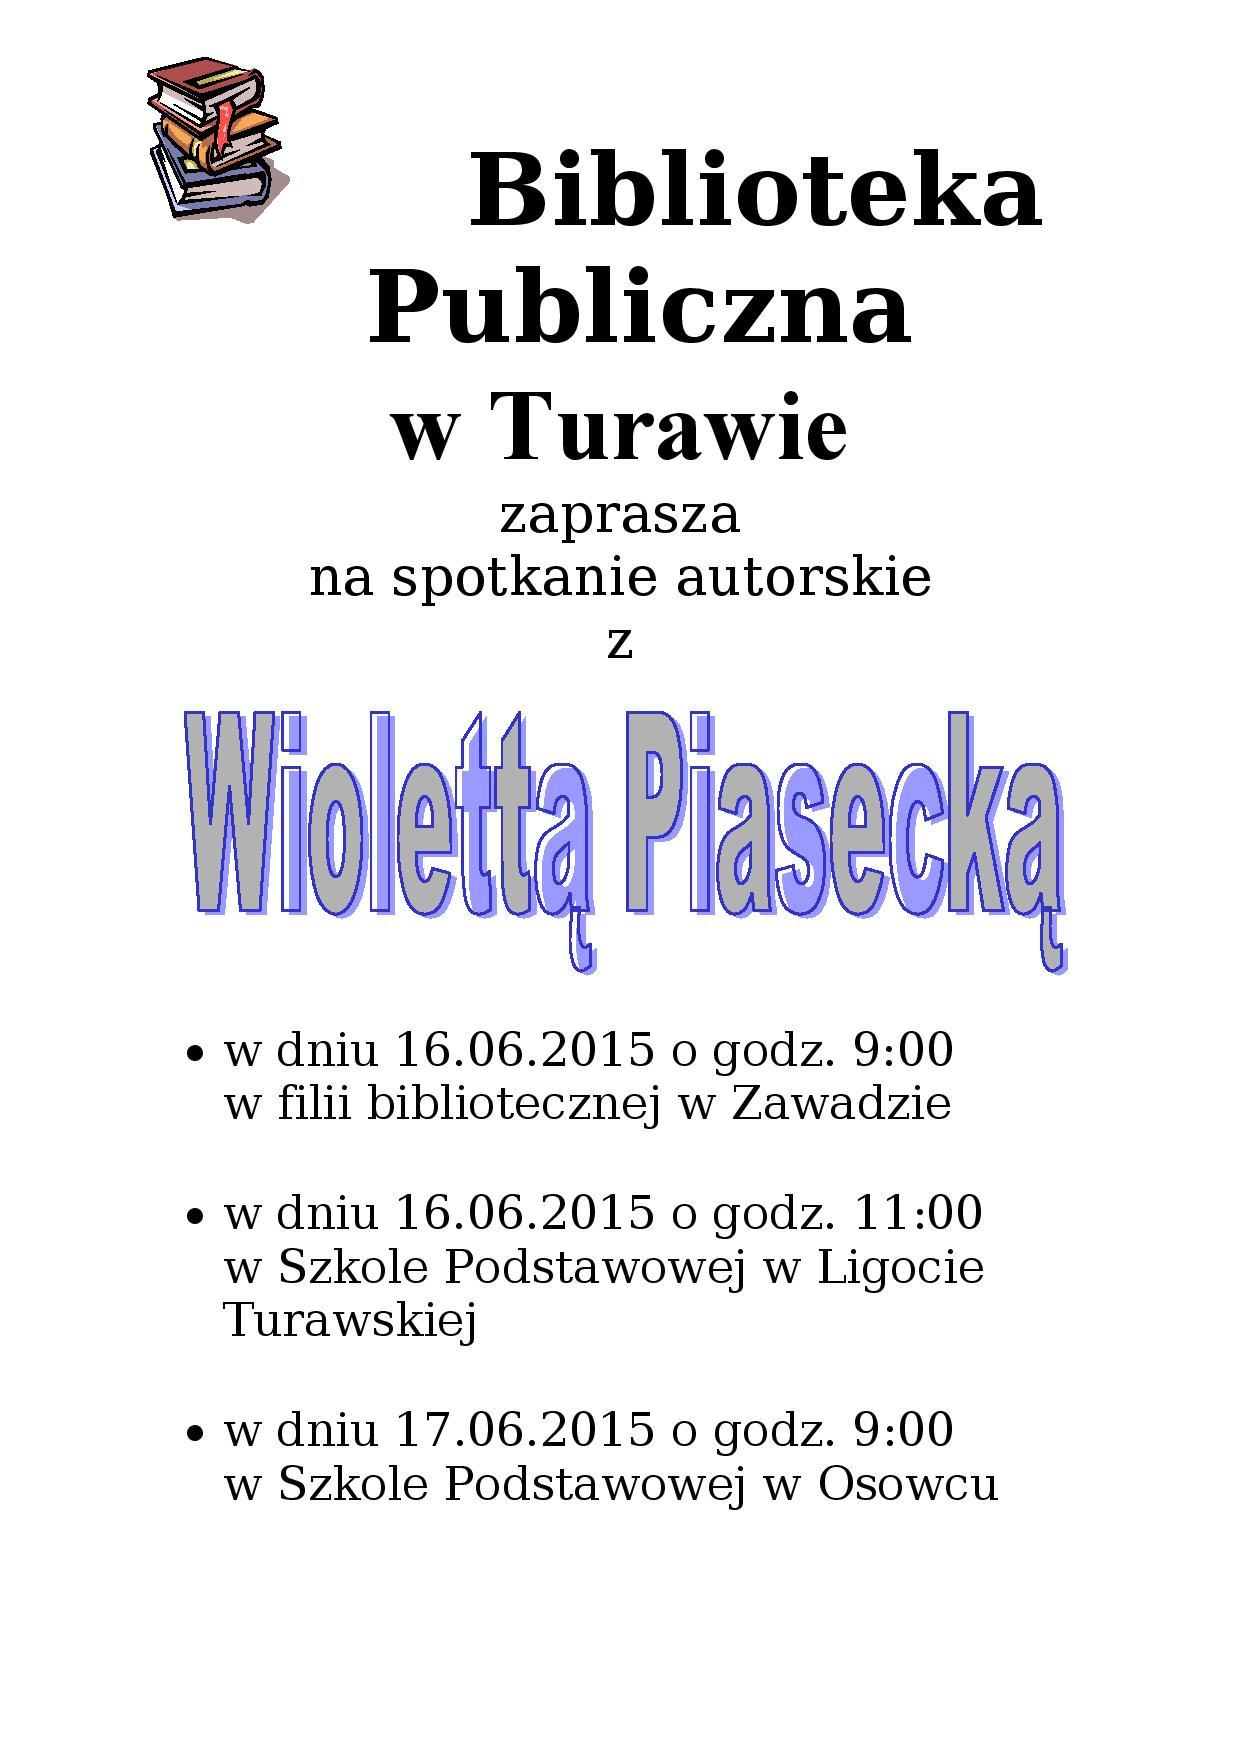 Microsoft Word - plakat  W  Piasecka-page-001.jpeg